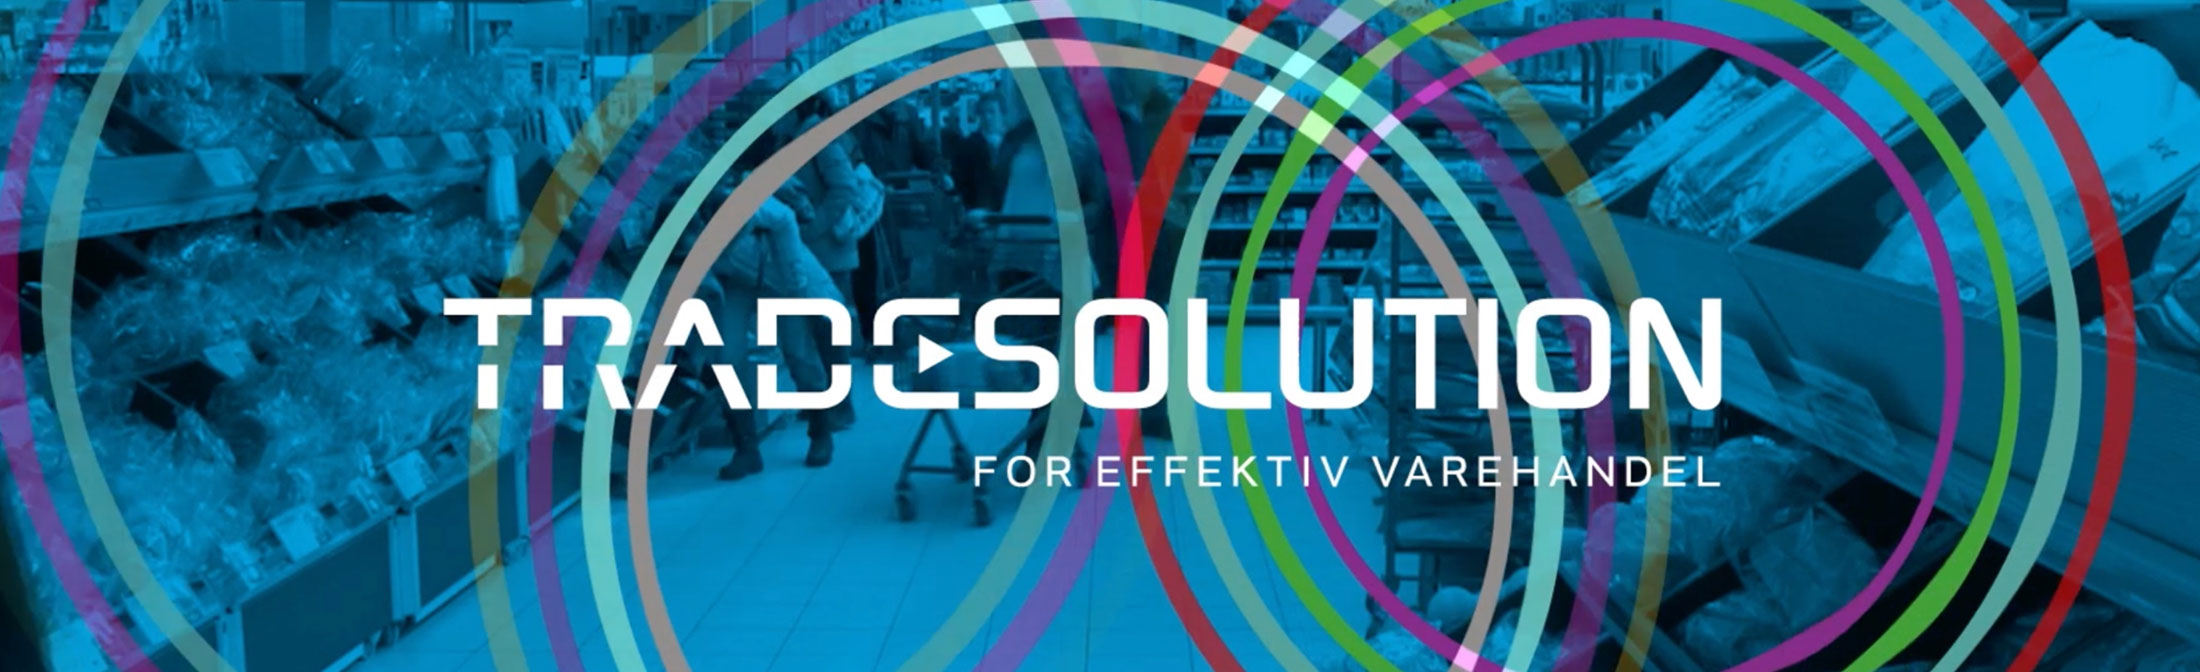 Matbutikk med blåskjær, fargerike ringer og Tradesolution logo. Grafikk.